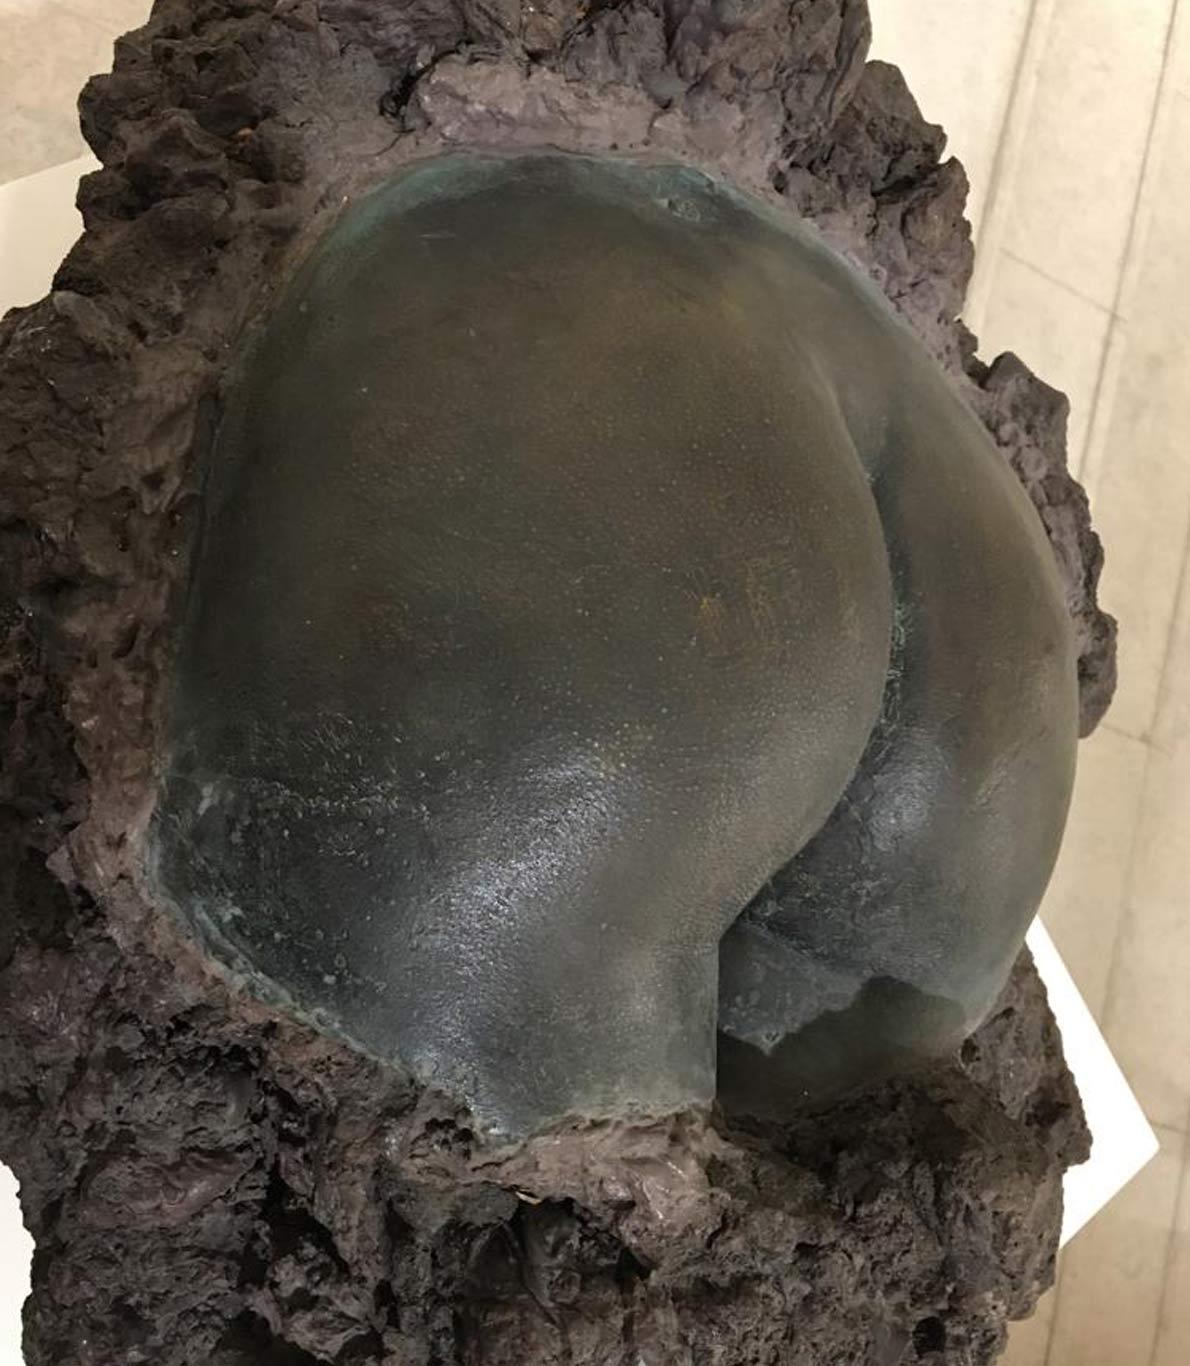 Escultura de um rabo humano construída à base de pedra vulcânica e bronze.